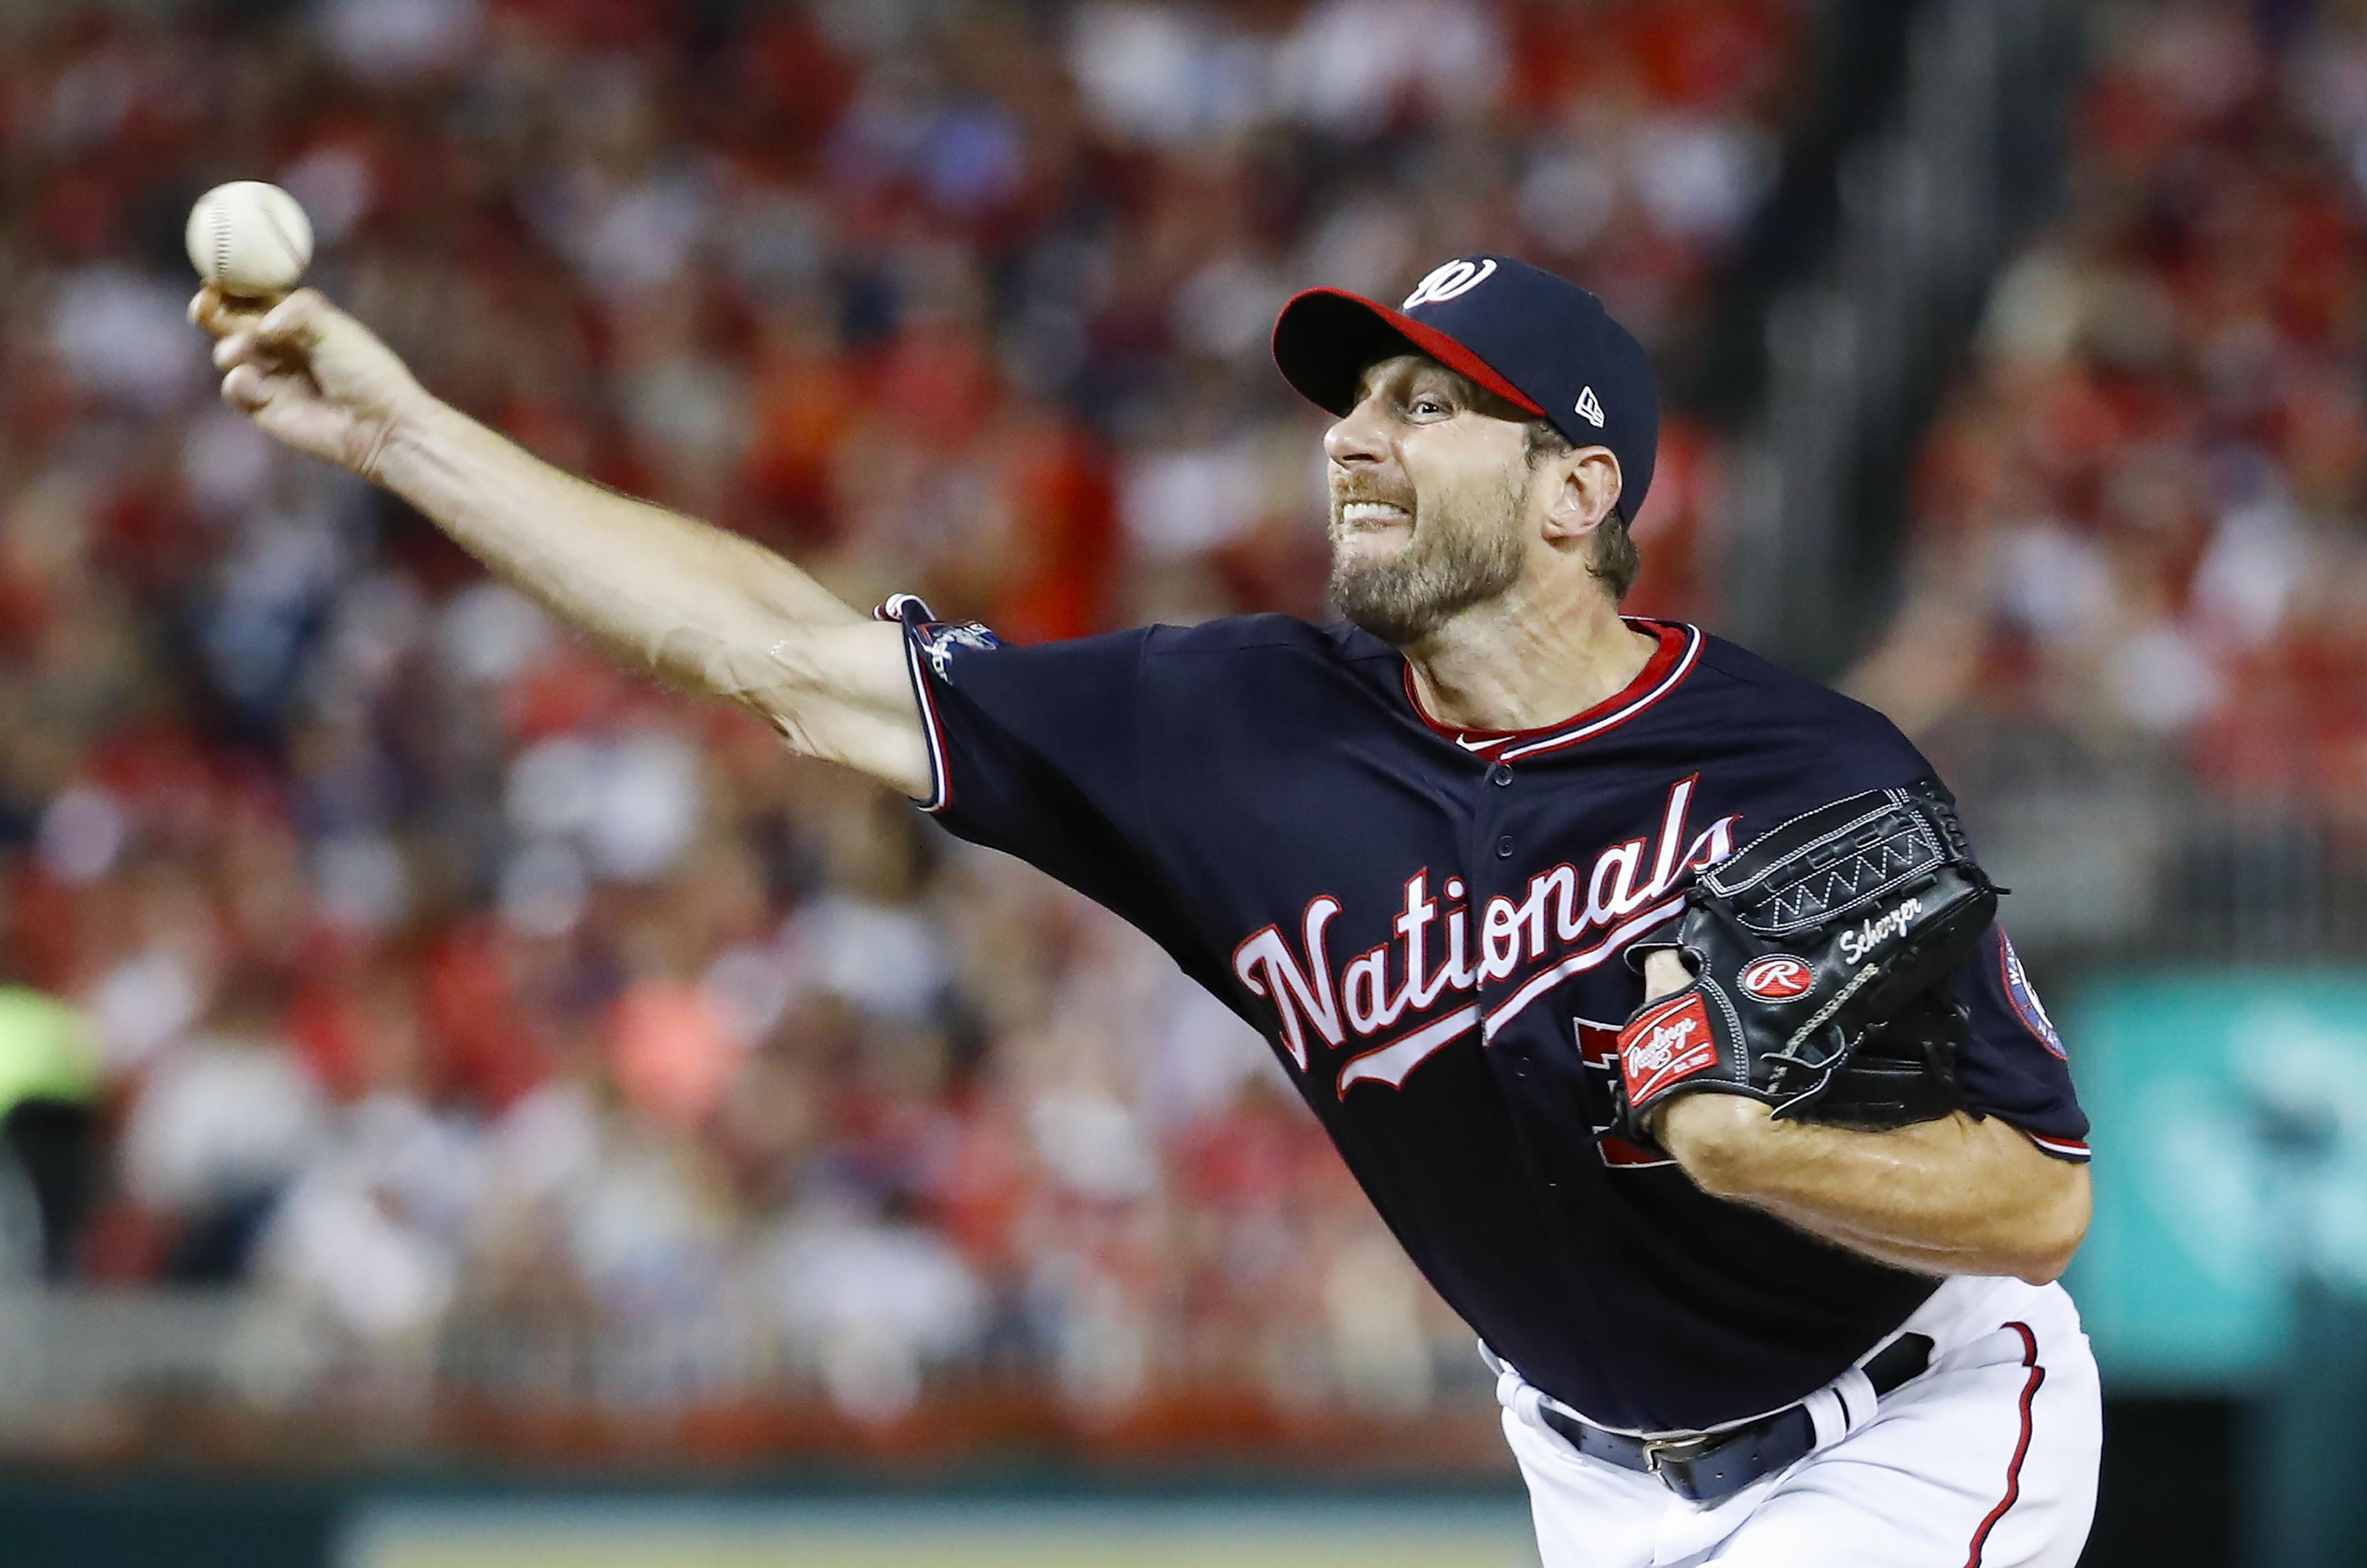 Max Scherzer Ryan Zimmerman Lead Nationals Past Dodgers To